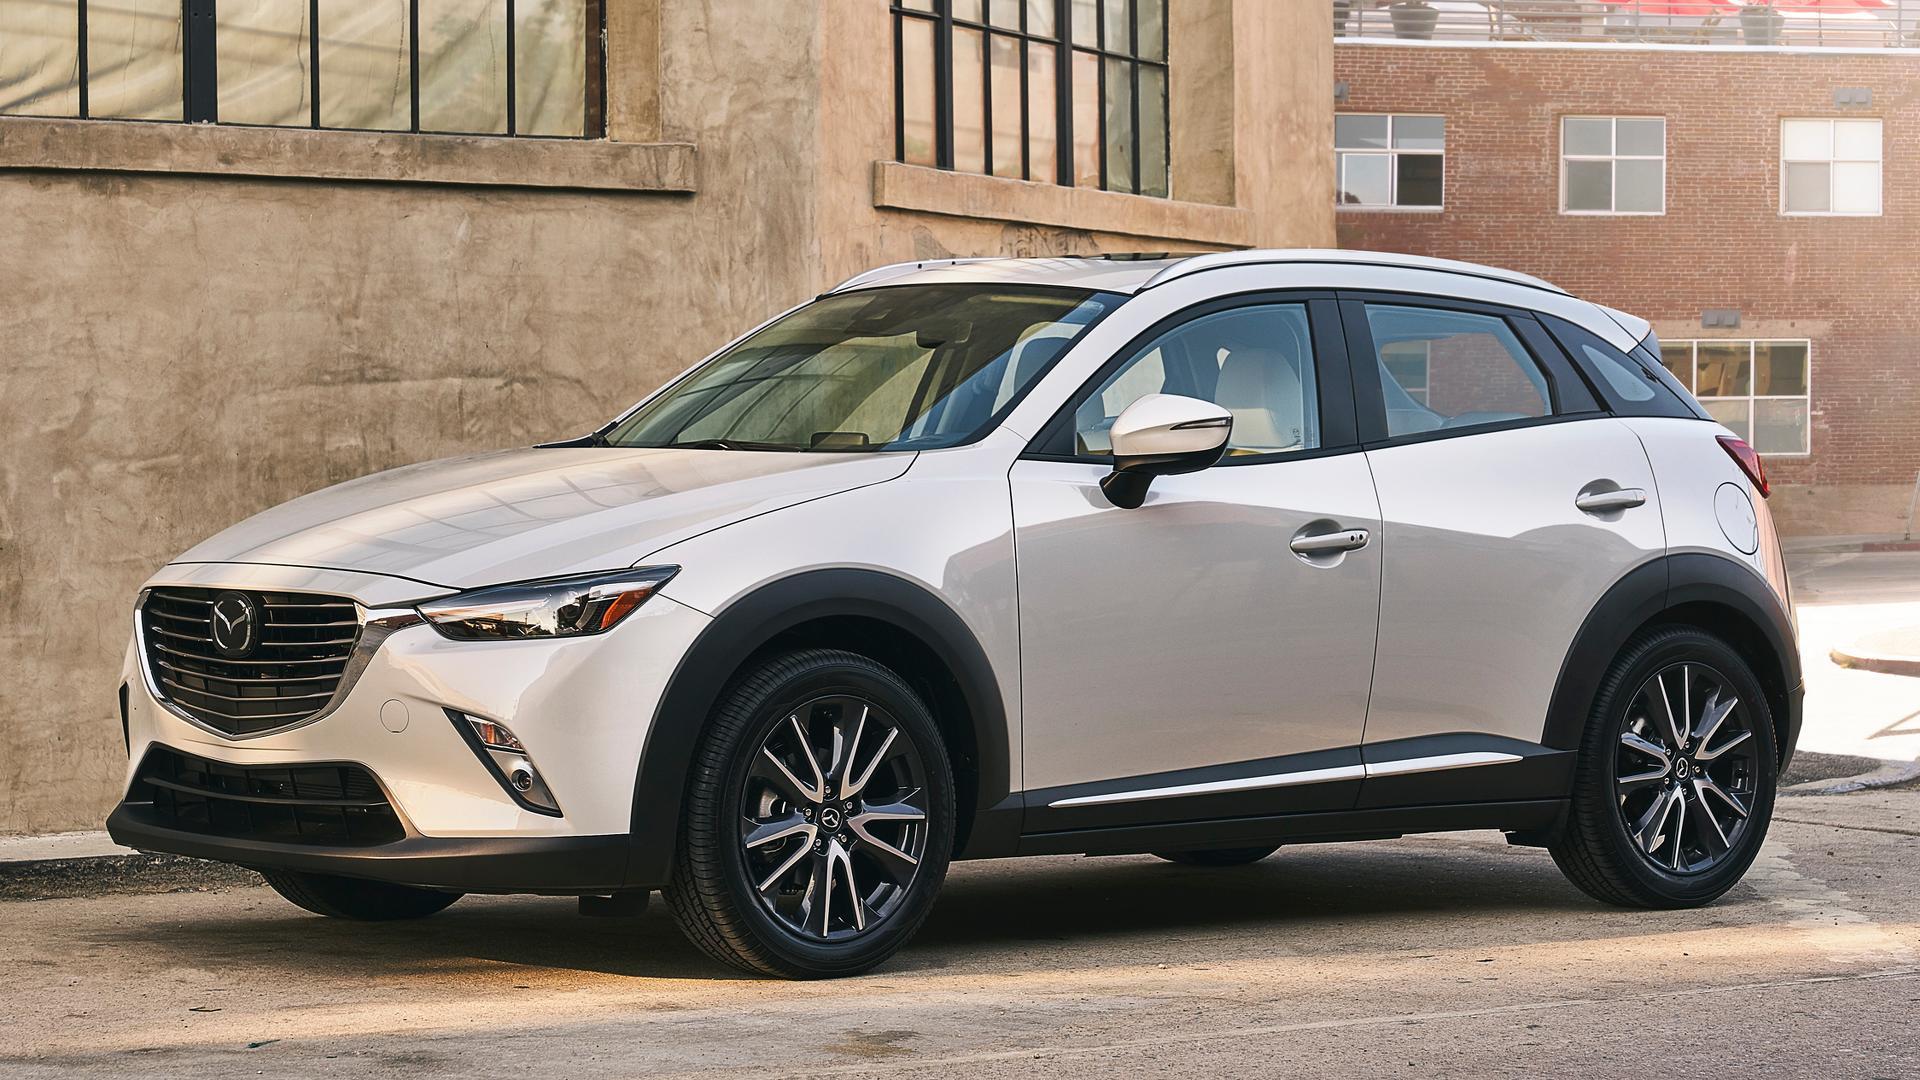 Comparativo Entre Mazda Cx 3 y Honda HRV